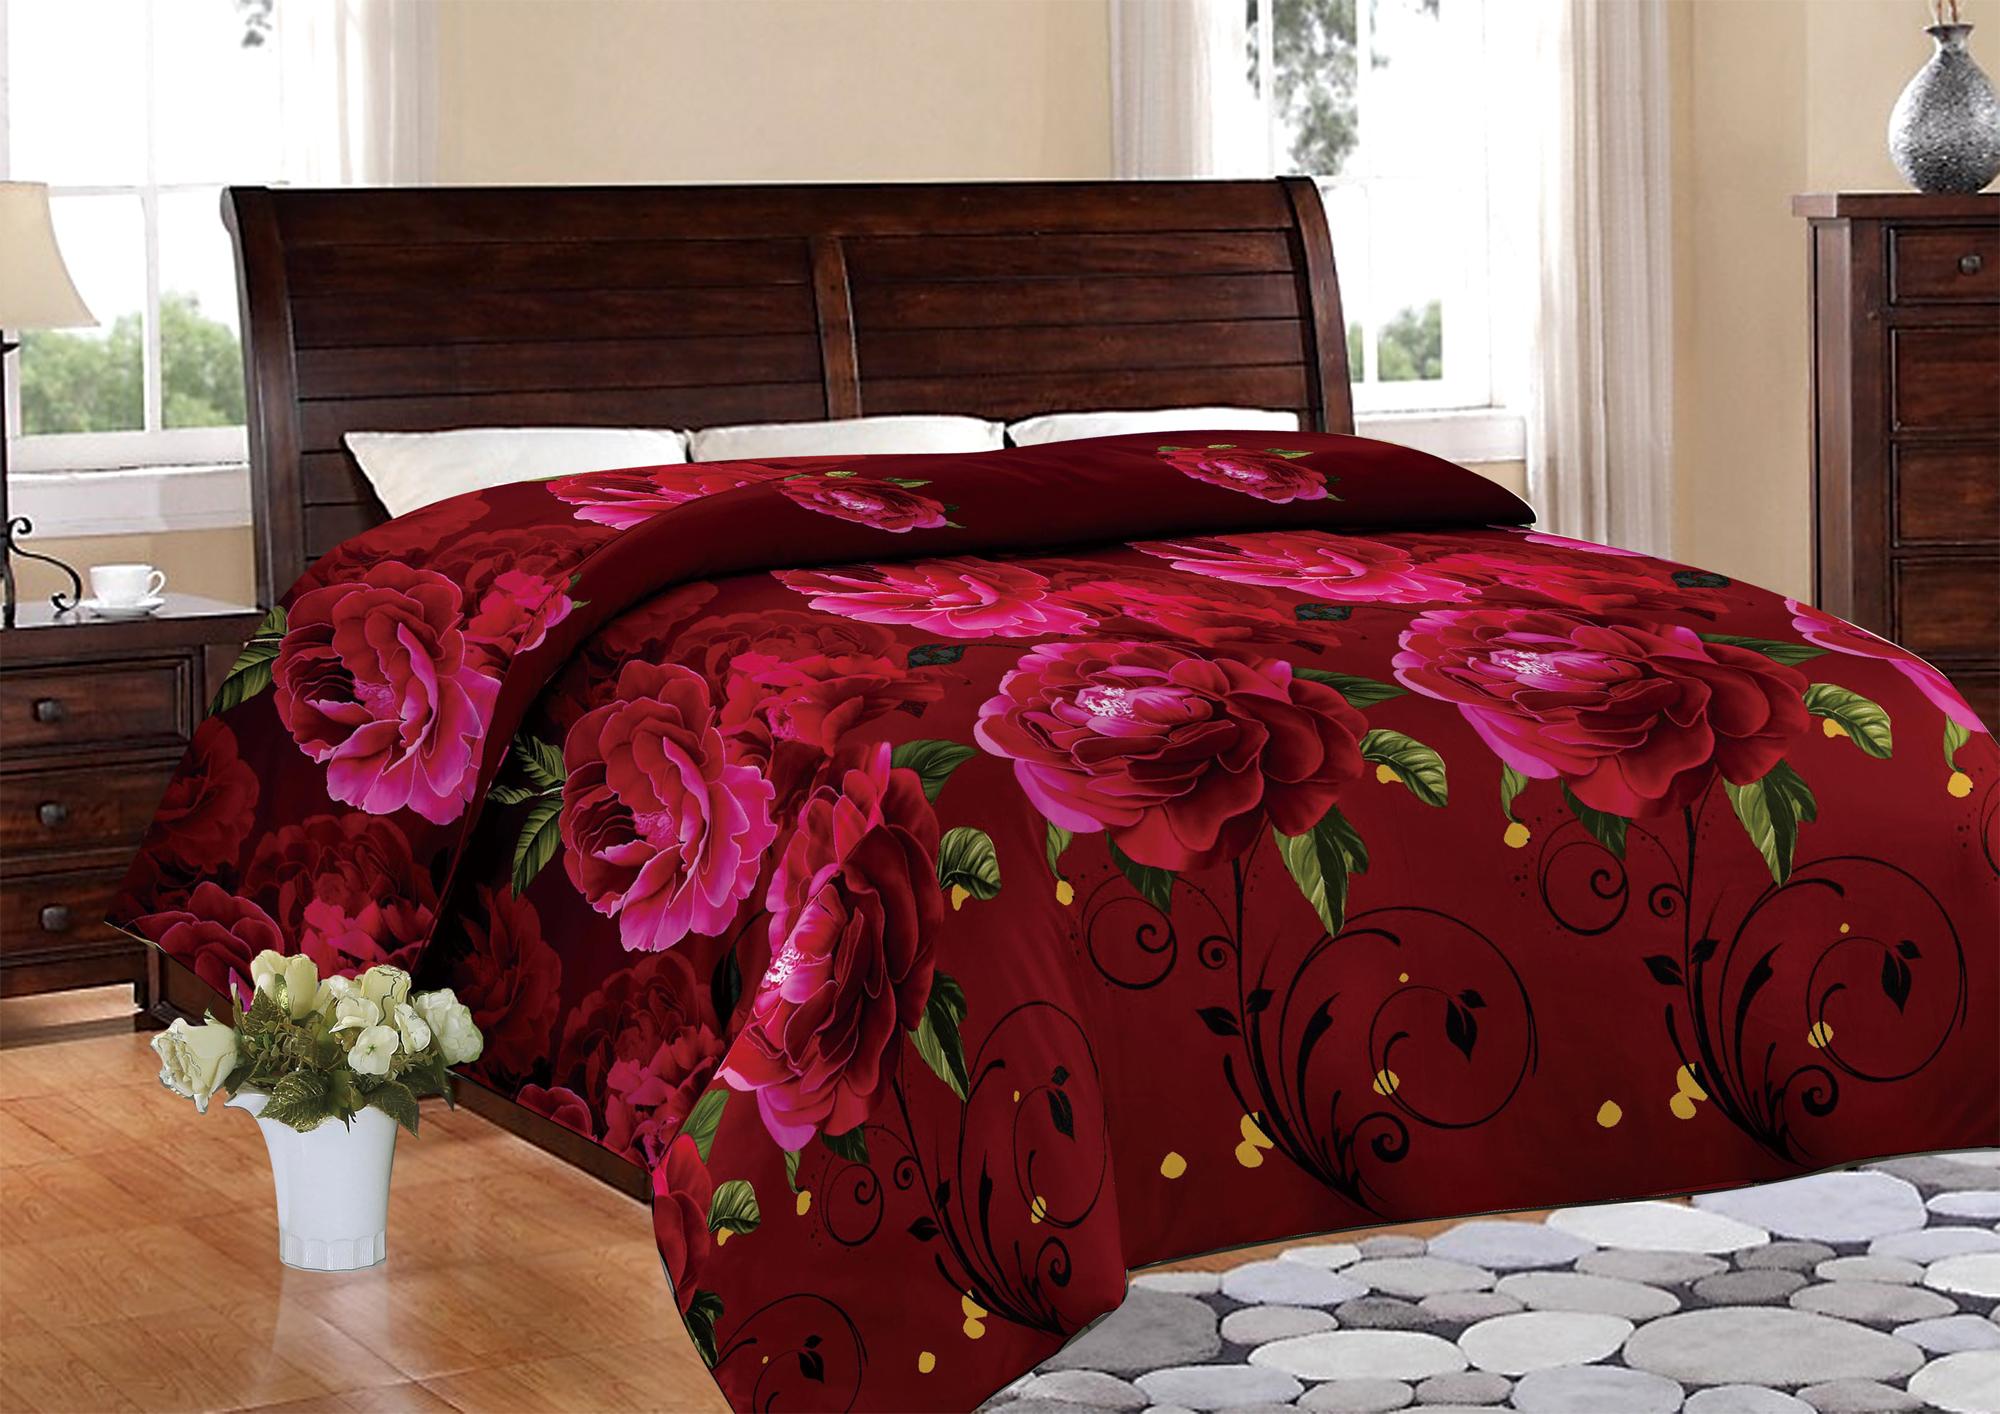 Покрывало Amore Mio Покрывало Shiraz (160х220 см) amore mio flash